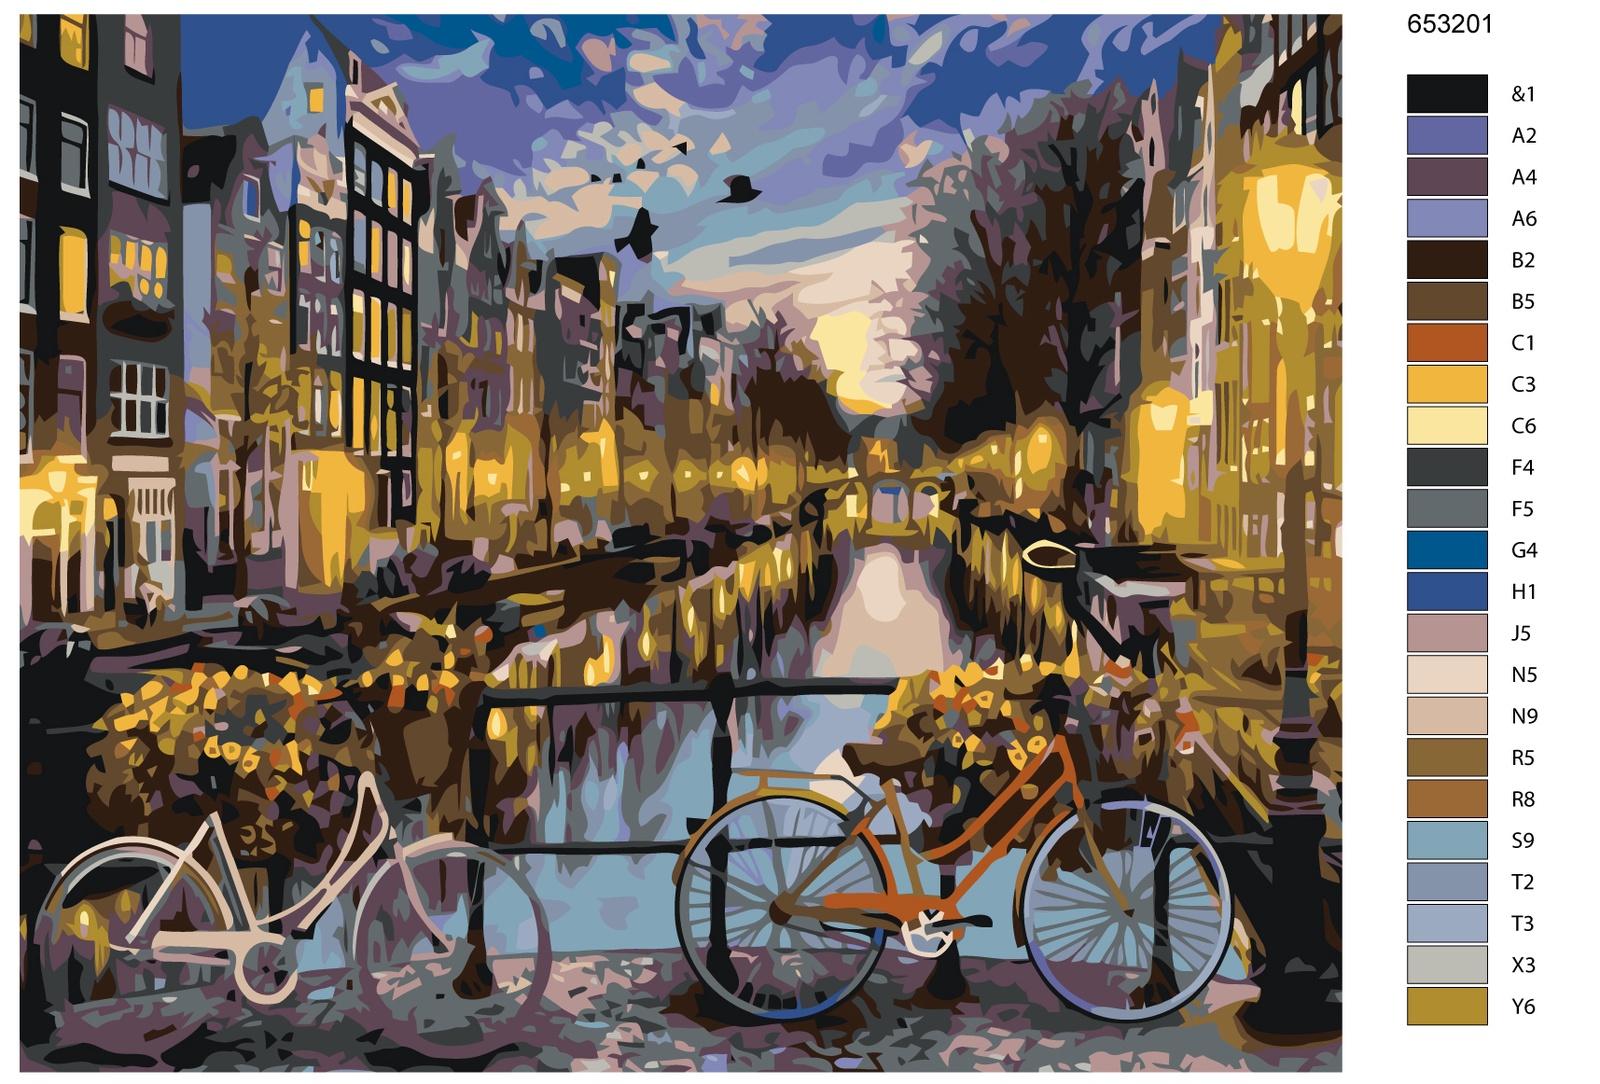 Картина по номерам, 40 x 50 см, KTMK-653201